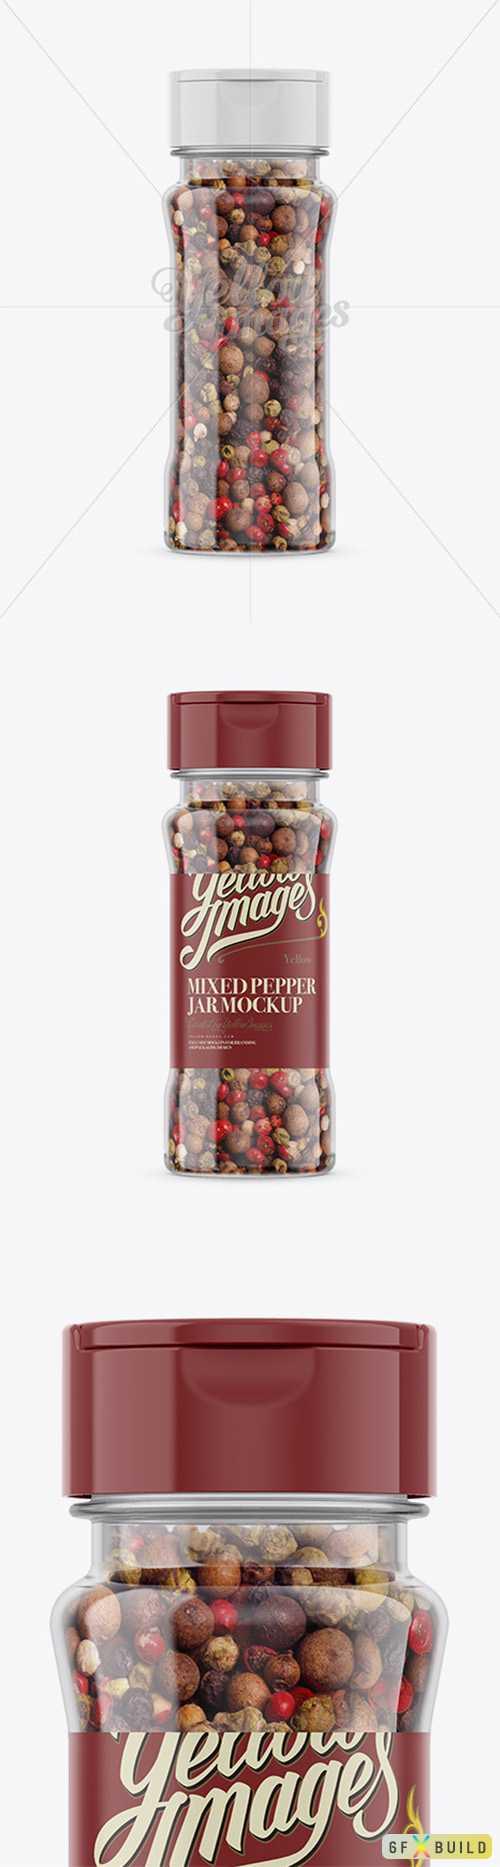 Mixed Pepper Jar Mockup 78509 TIF